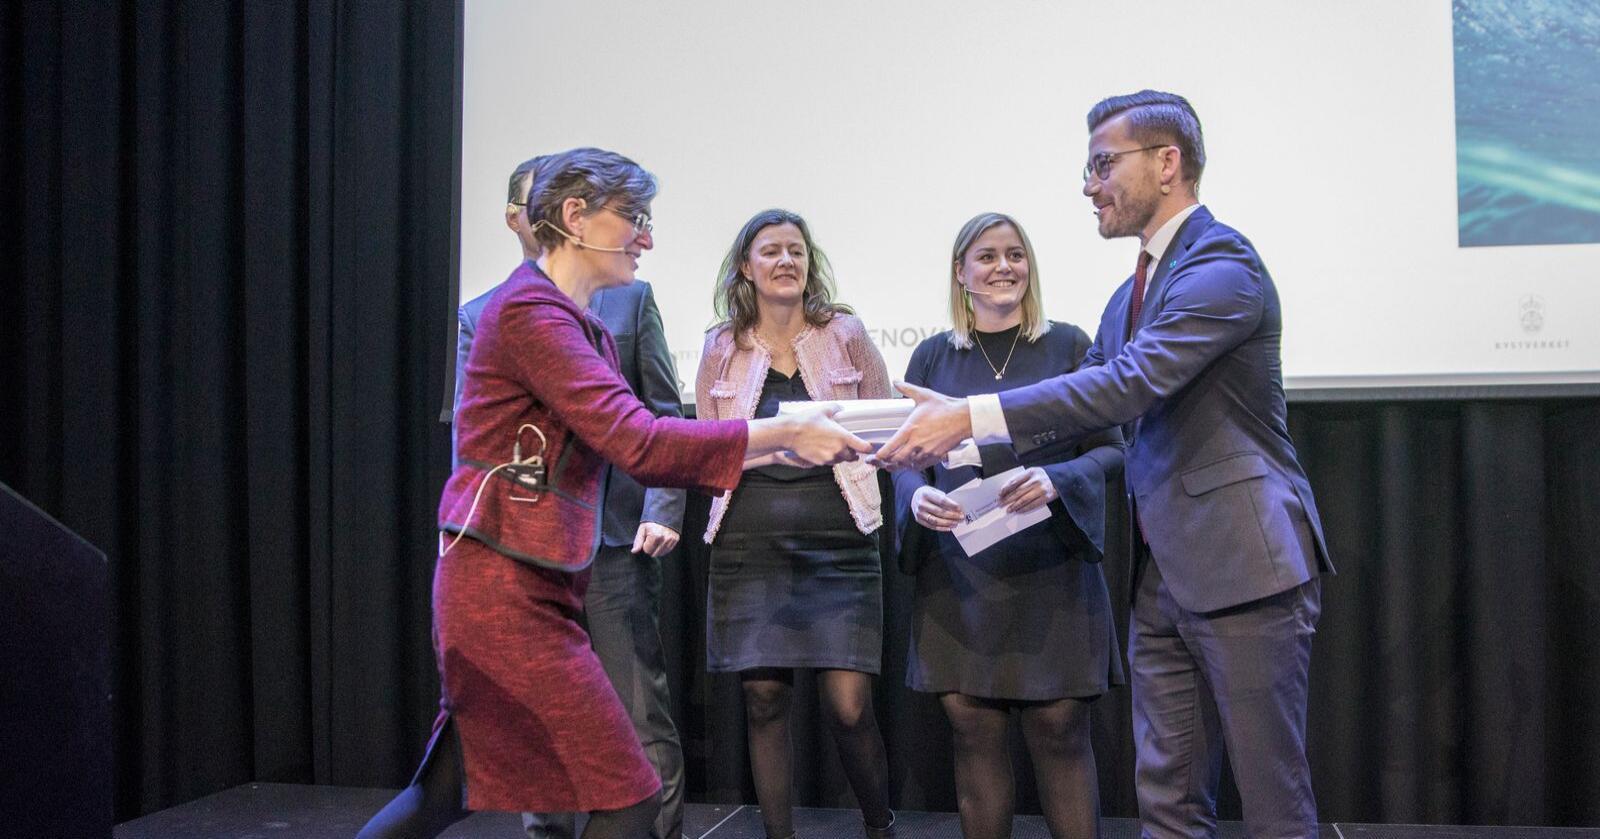 Rapporten Klimakur 2030 blir presentert og overrakt klima- og miljøminister Sveinung Rotevatn på Sentralen i Oslo. Foto: Ole Berg-Rusten / NTB scanpix